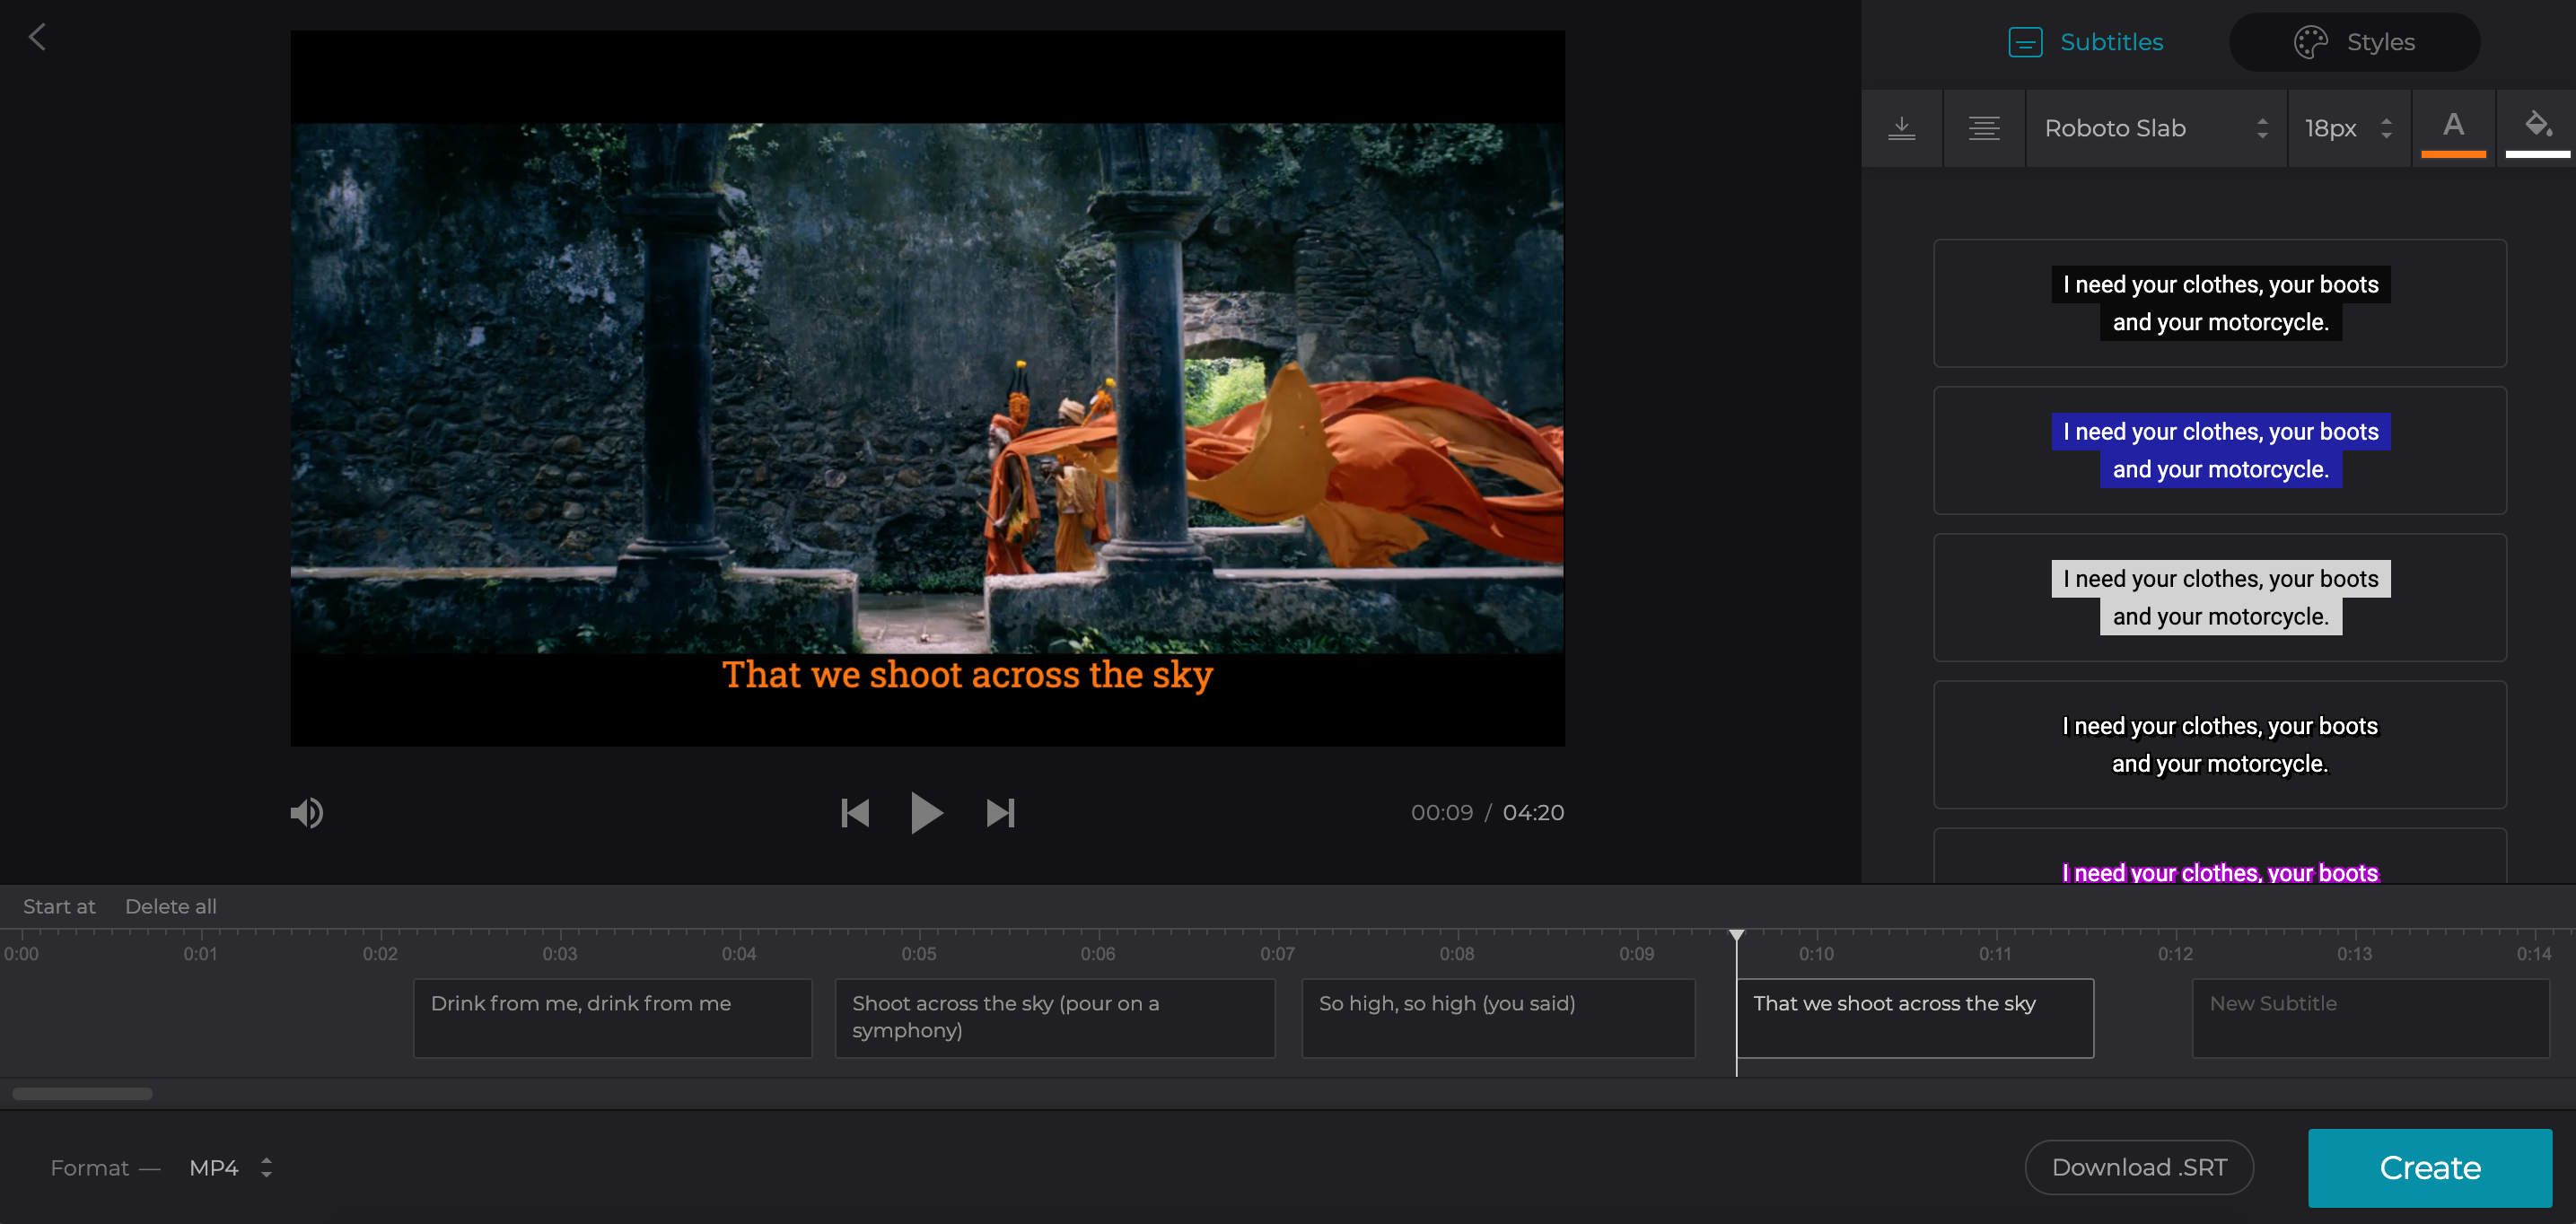 Download SRT file for Vimeo